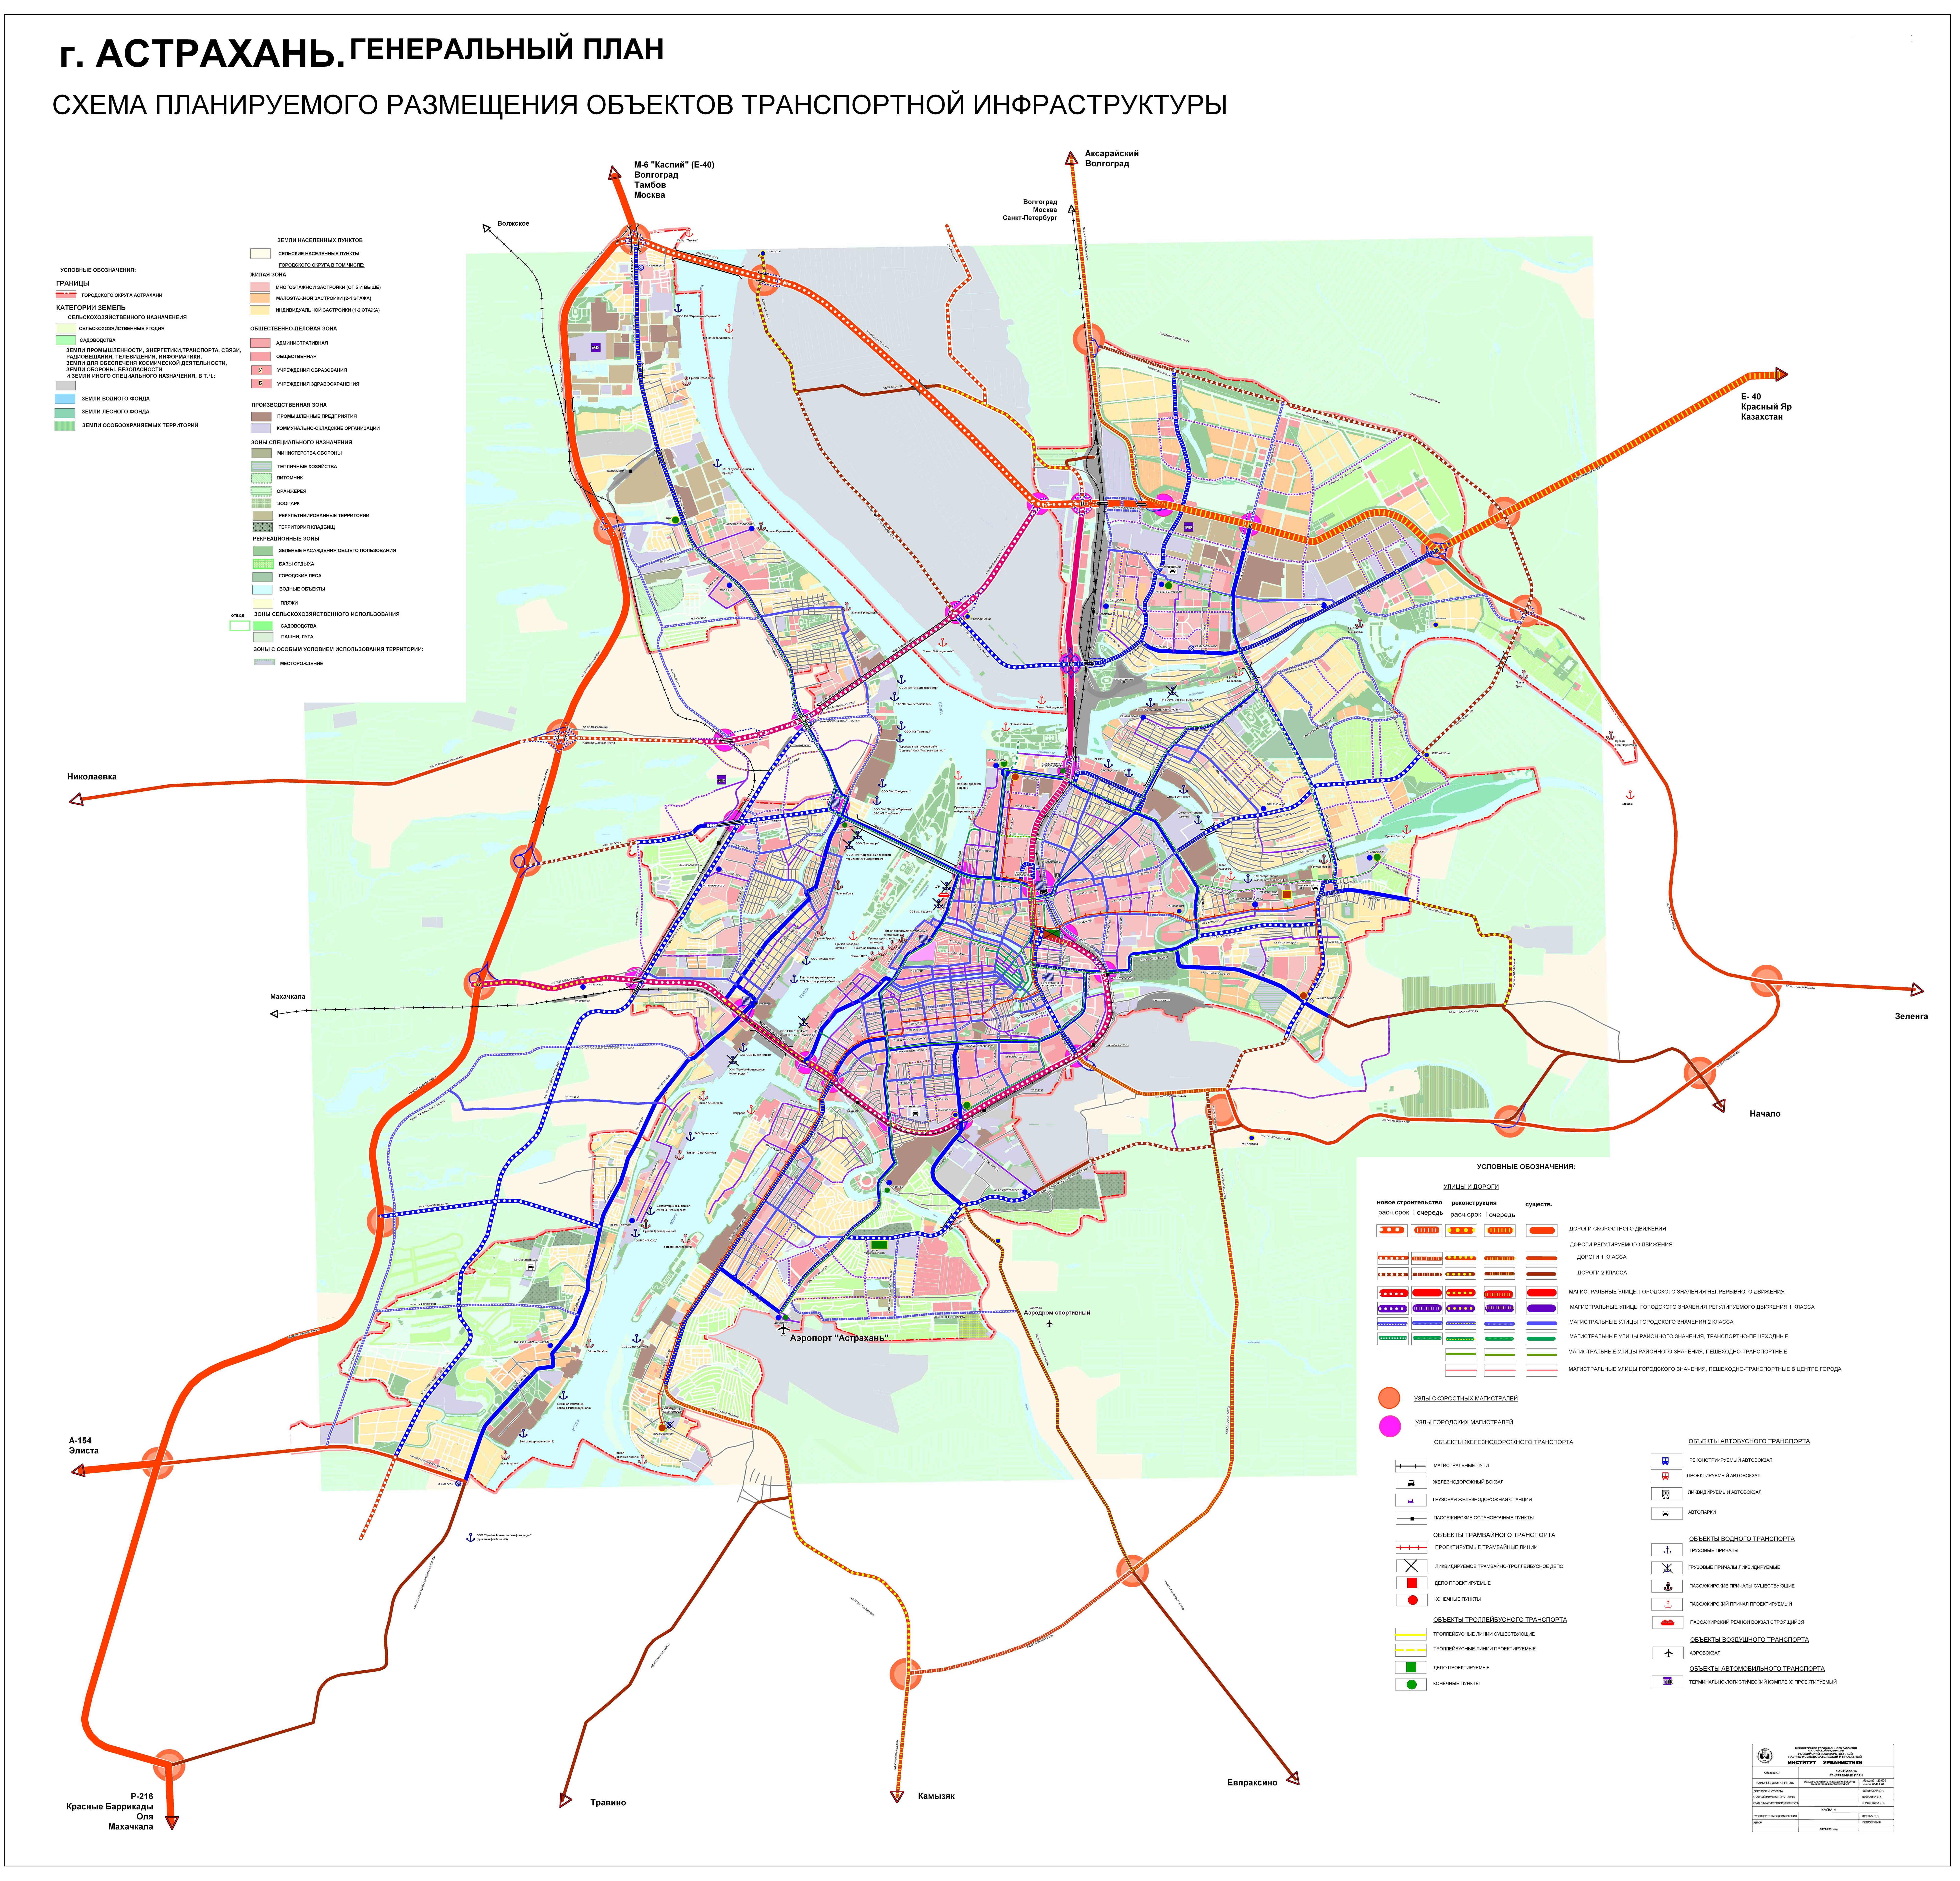 схема транспортной инфраструктуры грода